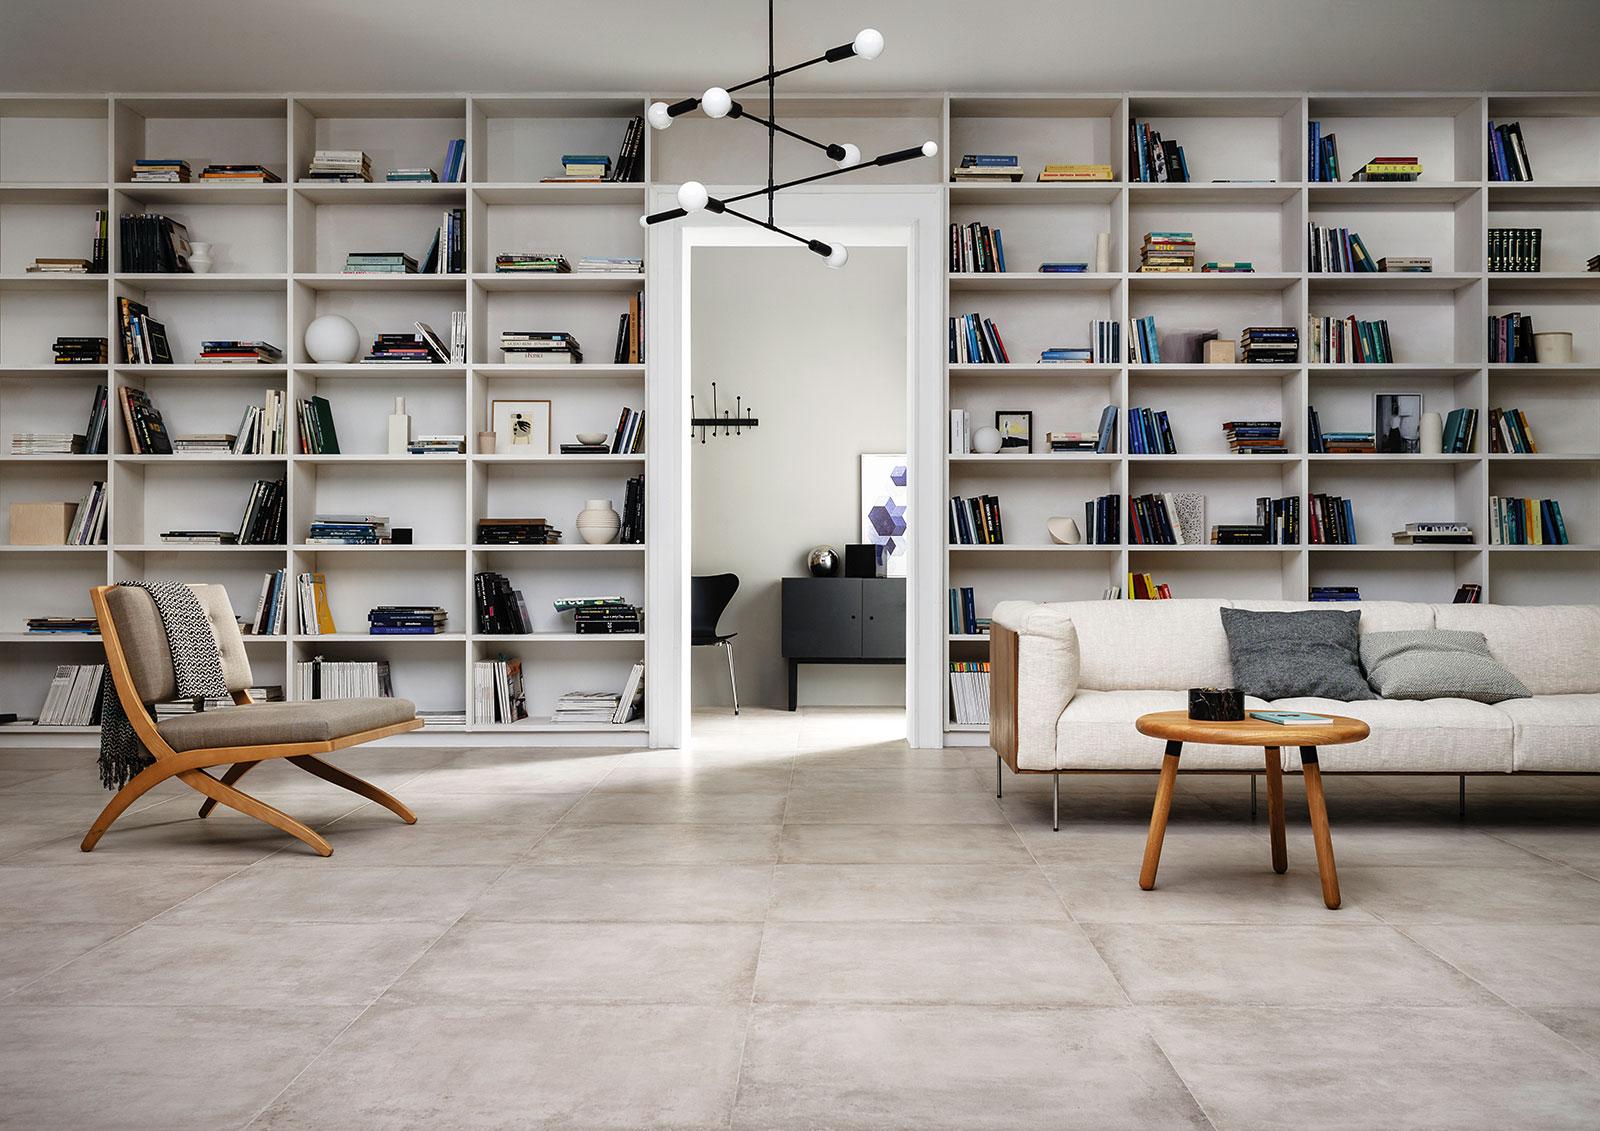 Piastrelle pavimento le idee per la tua casa marazzi - Piastrelle pavimento bagno ...